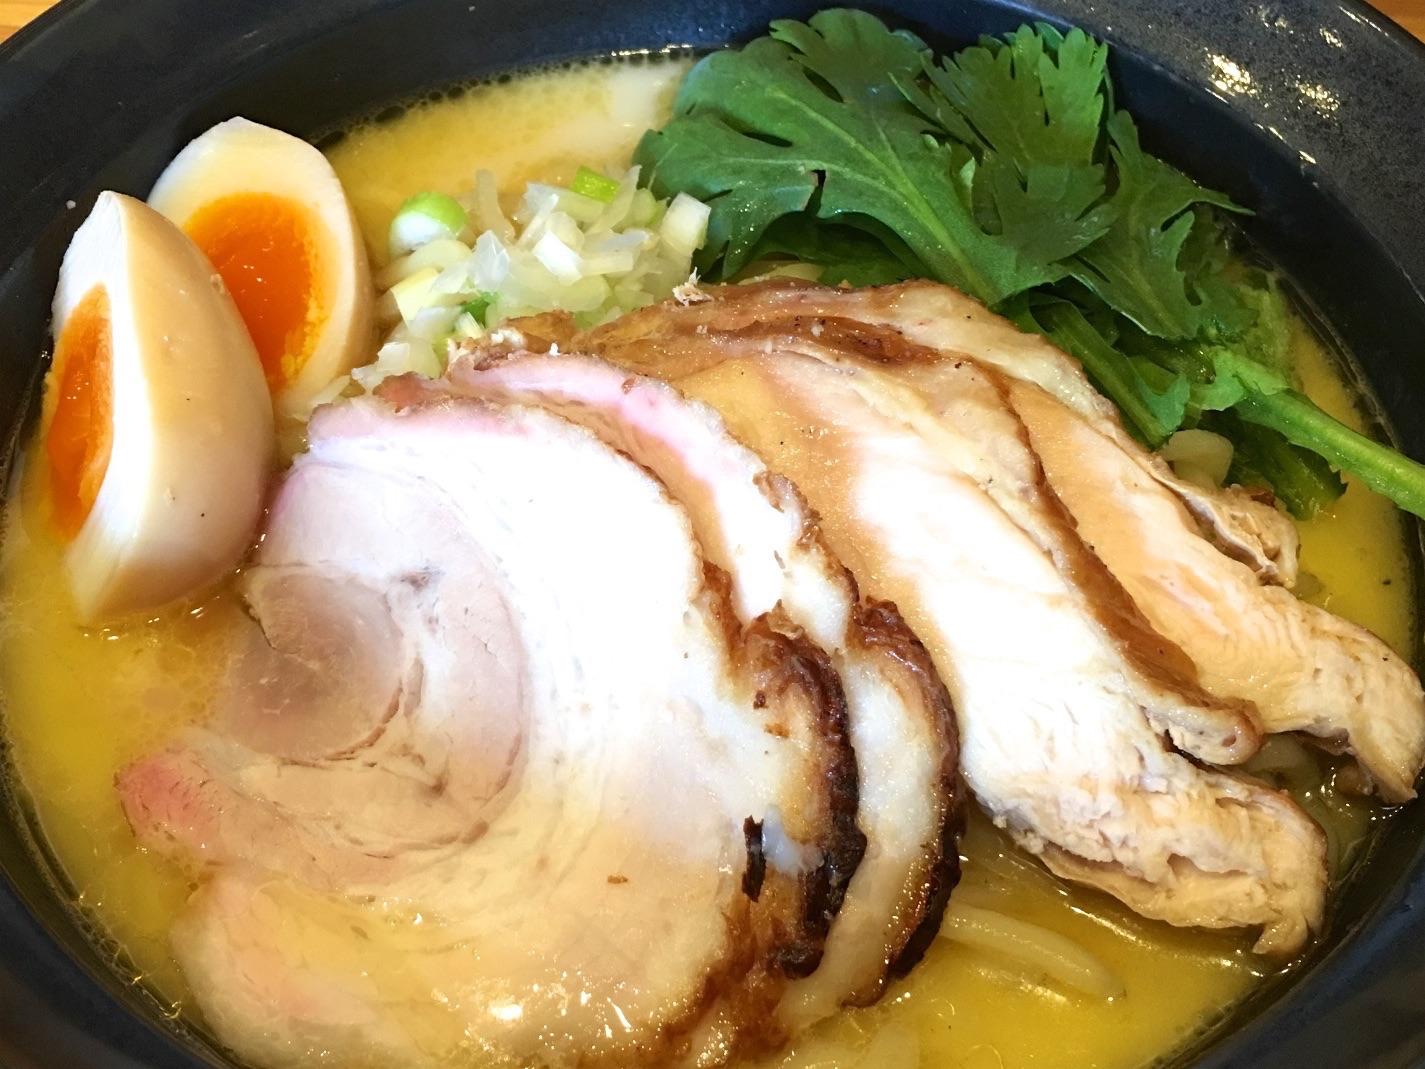 横浜綱島「鶏らーめん 極楽鳥」で極上の鶏白湯ラーメンを食す!横浜は家系だけじゃないぞ!